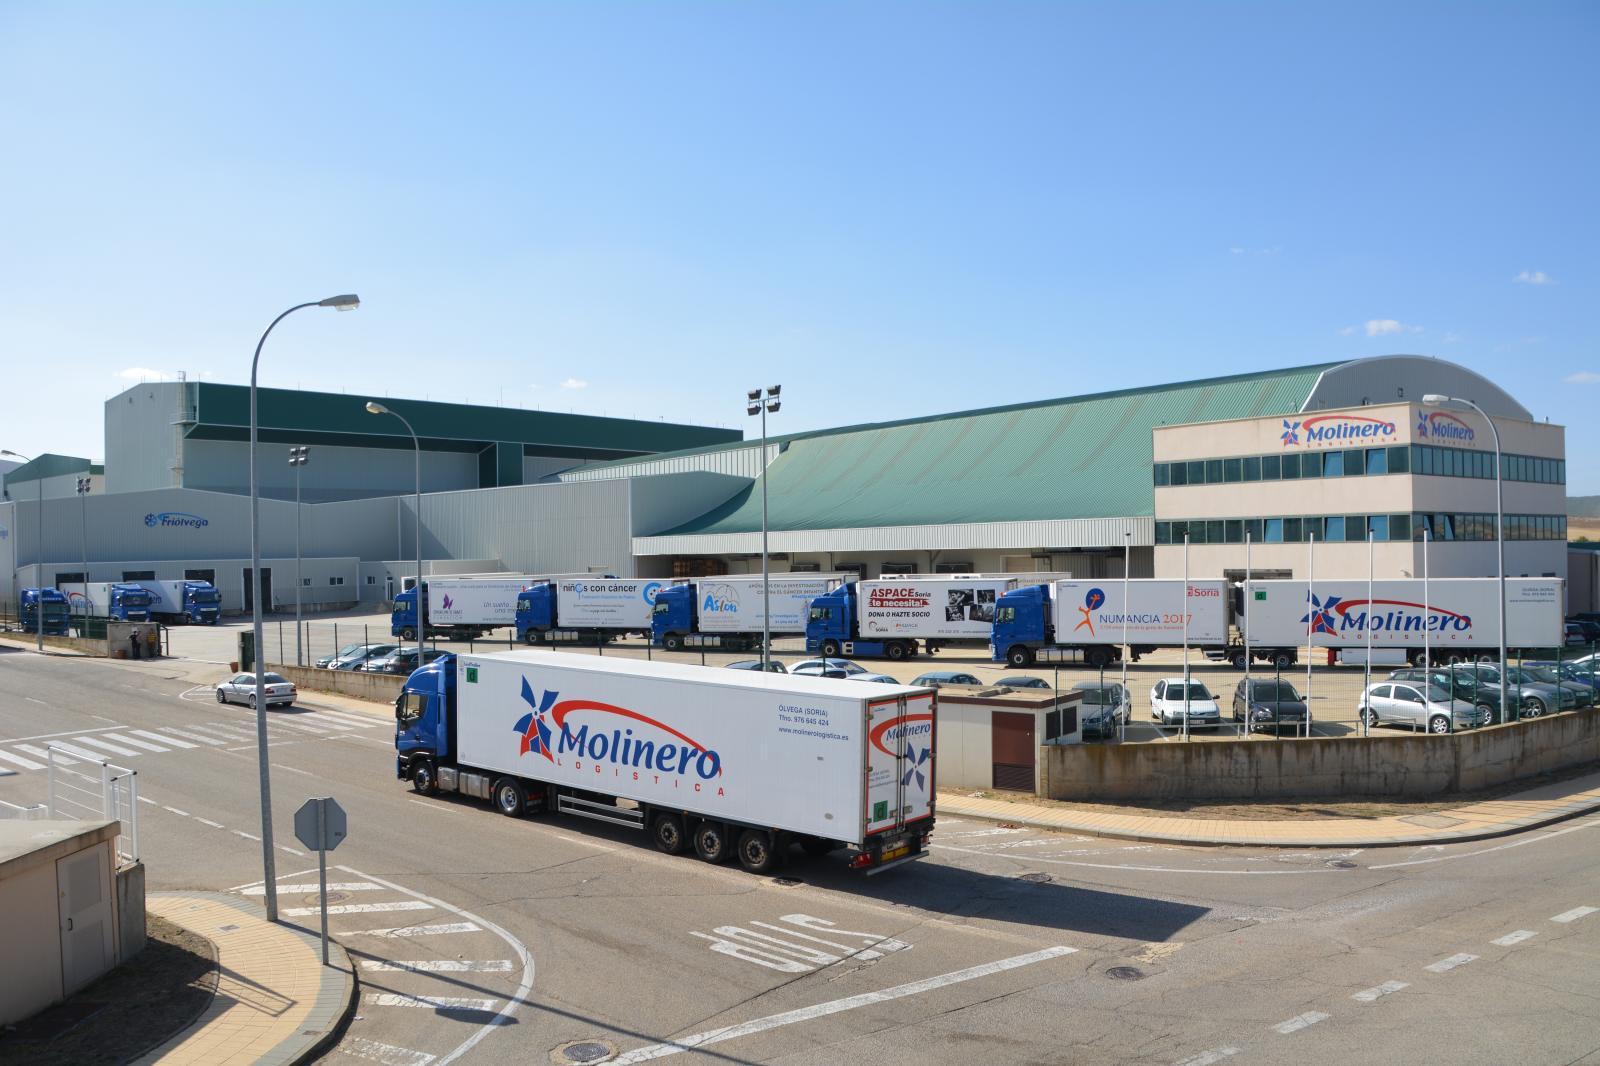 El mayor centro logístico en frío de España, Friolvega – Grupo Molinero Logística, recibe 1,12 millones de incentivos regionales